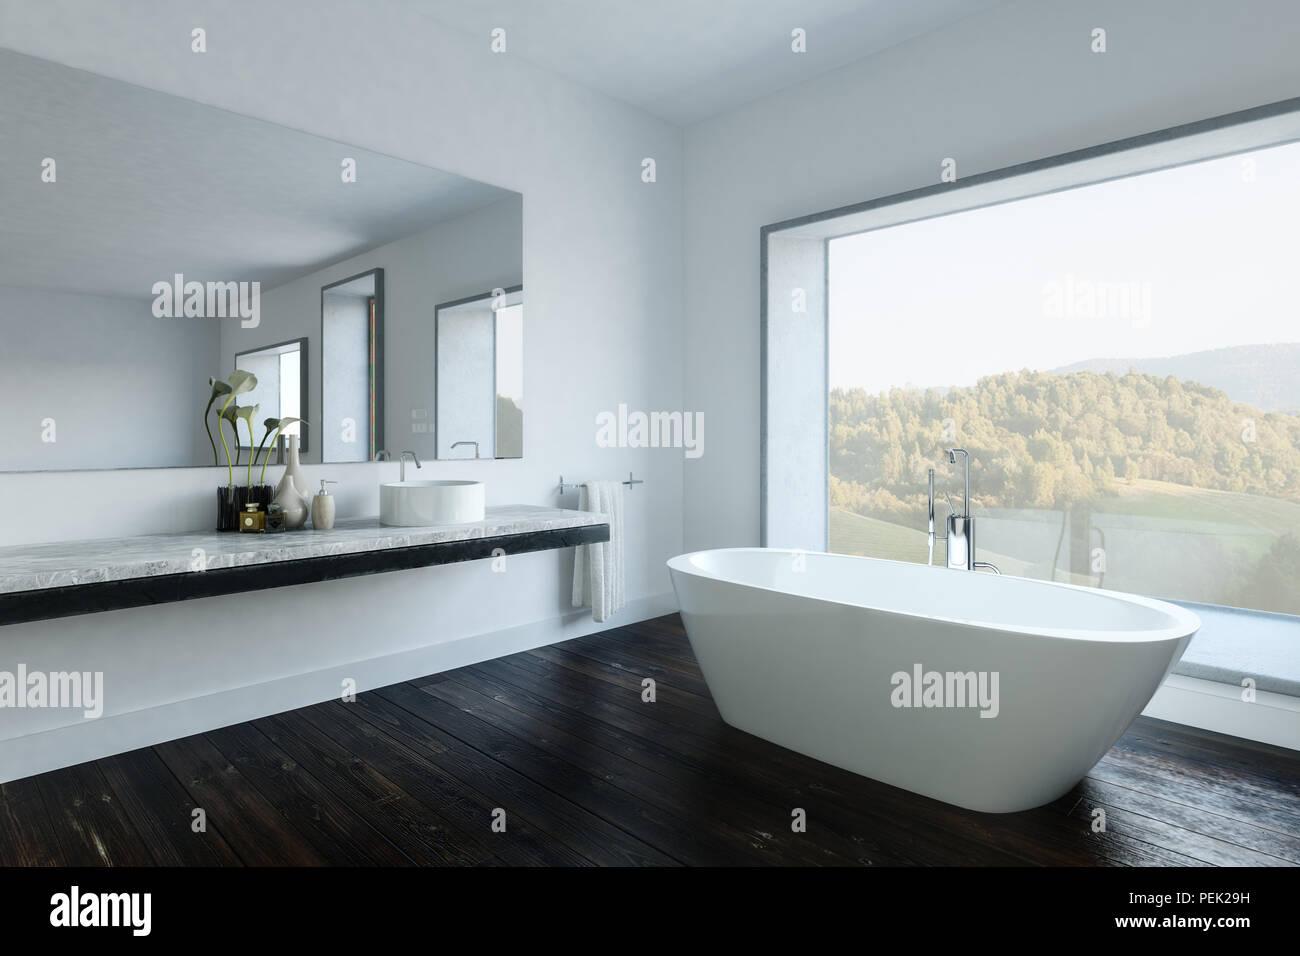 Specchio Grande Da Bagno.Bagno Moderno Con Vasca Bianca Da Uno Specchio Grande Ripiano Sopra